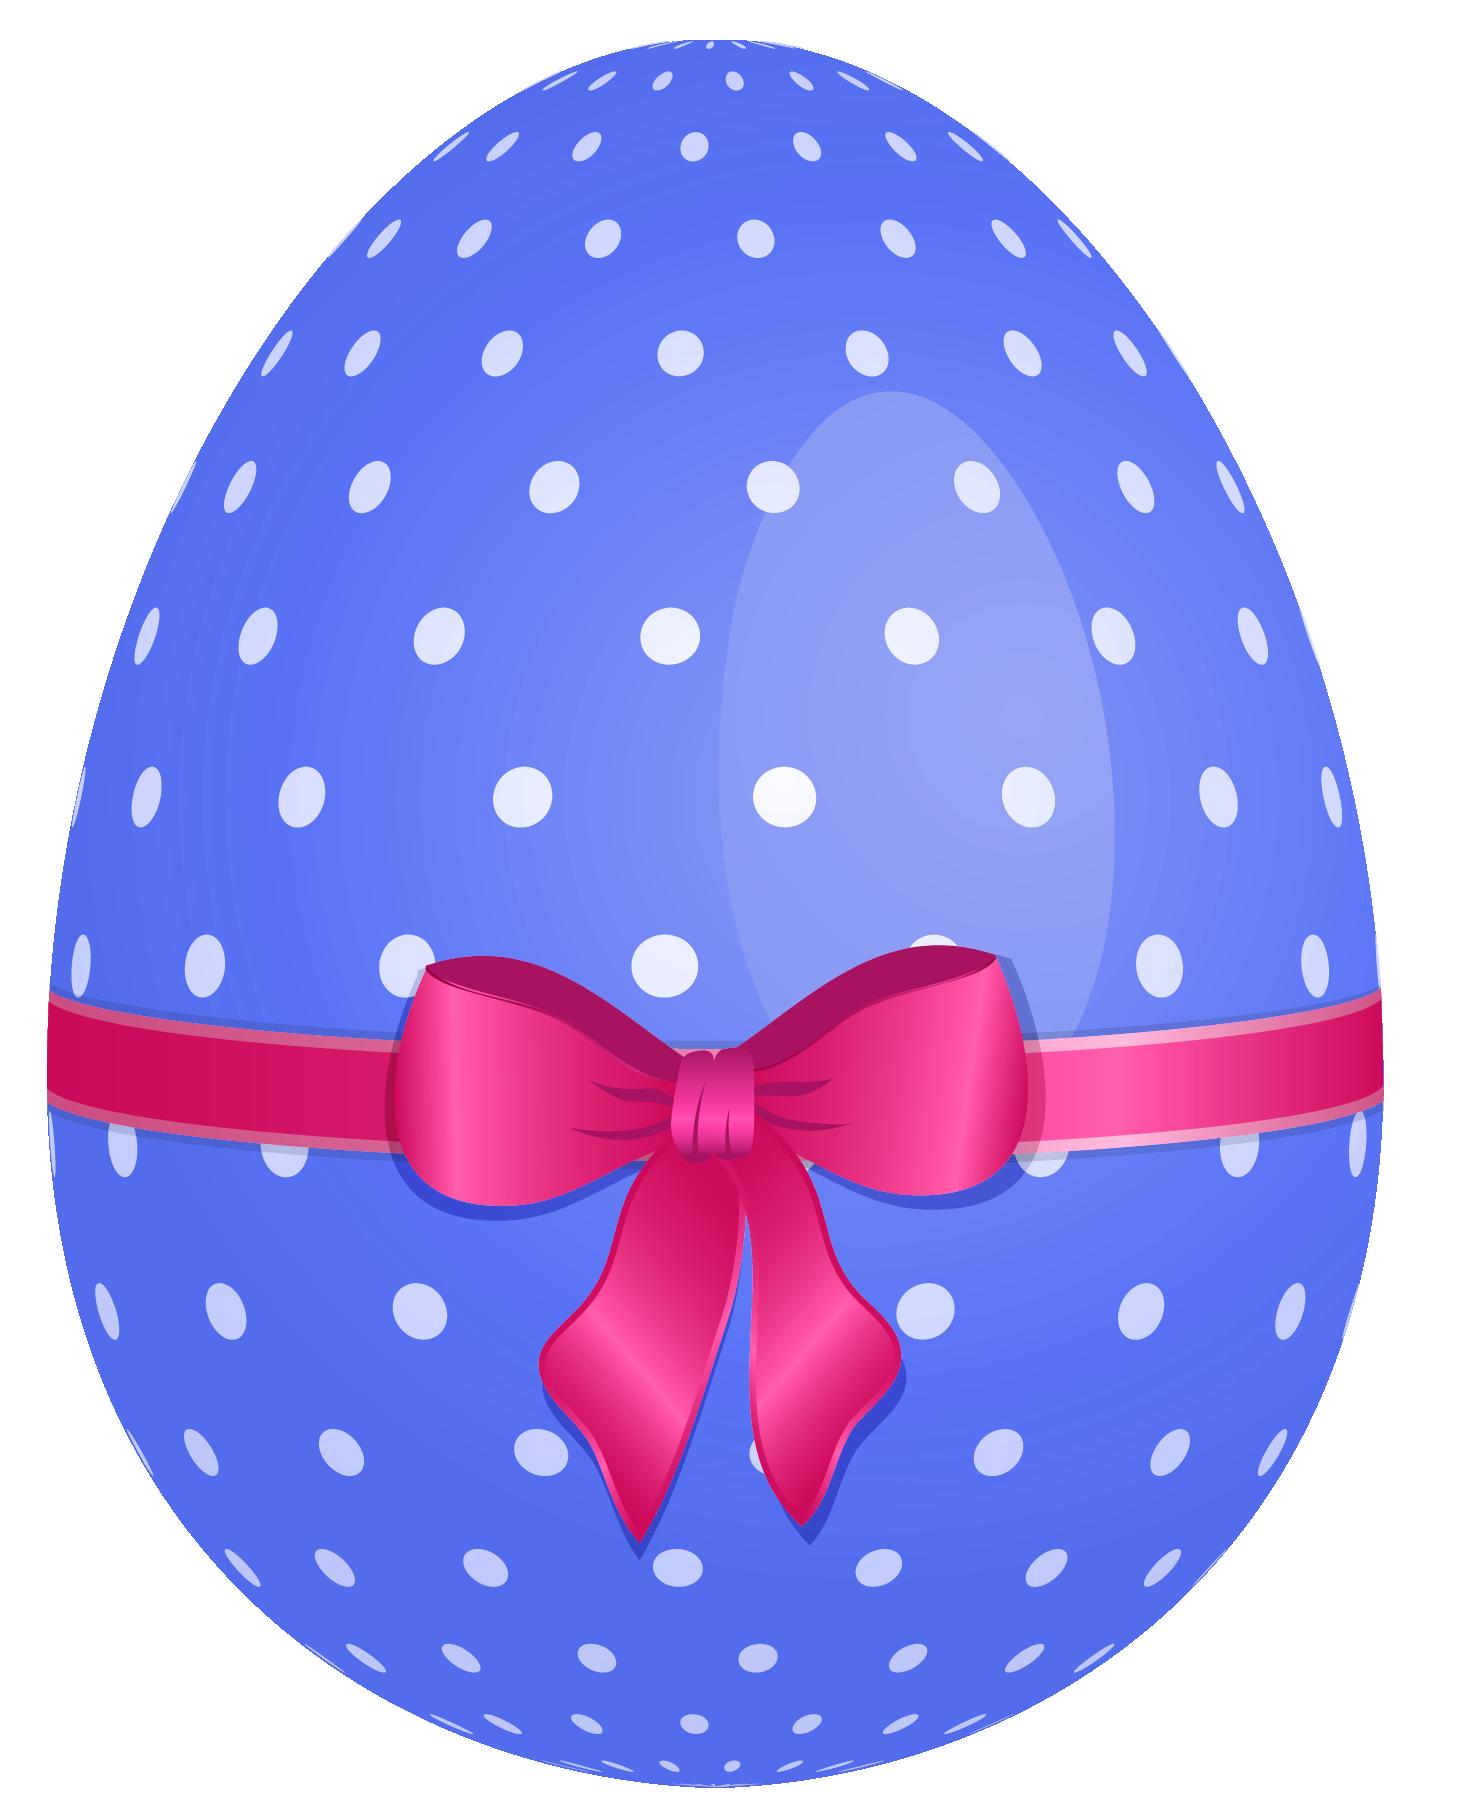 EASTER EGG CLIP ART - Easter Eggs PNG